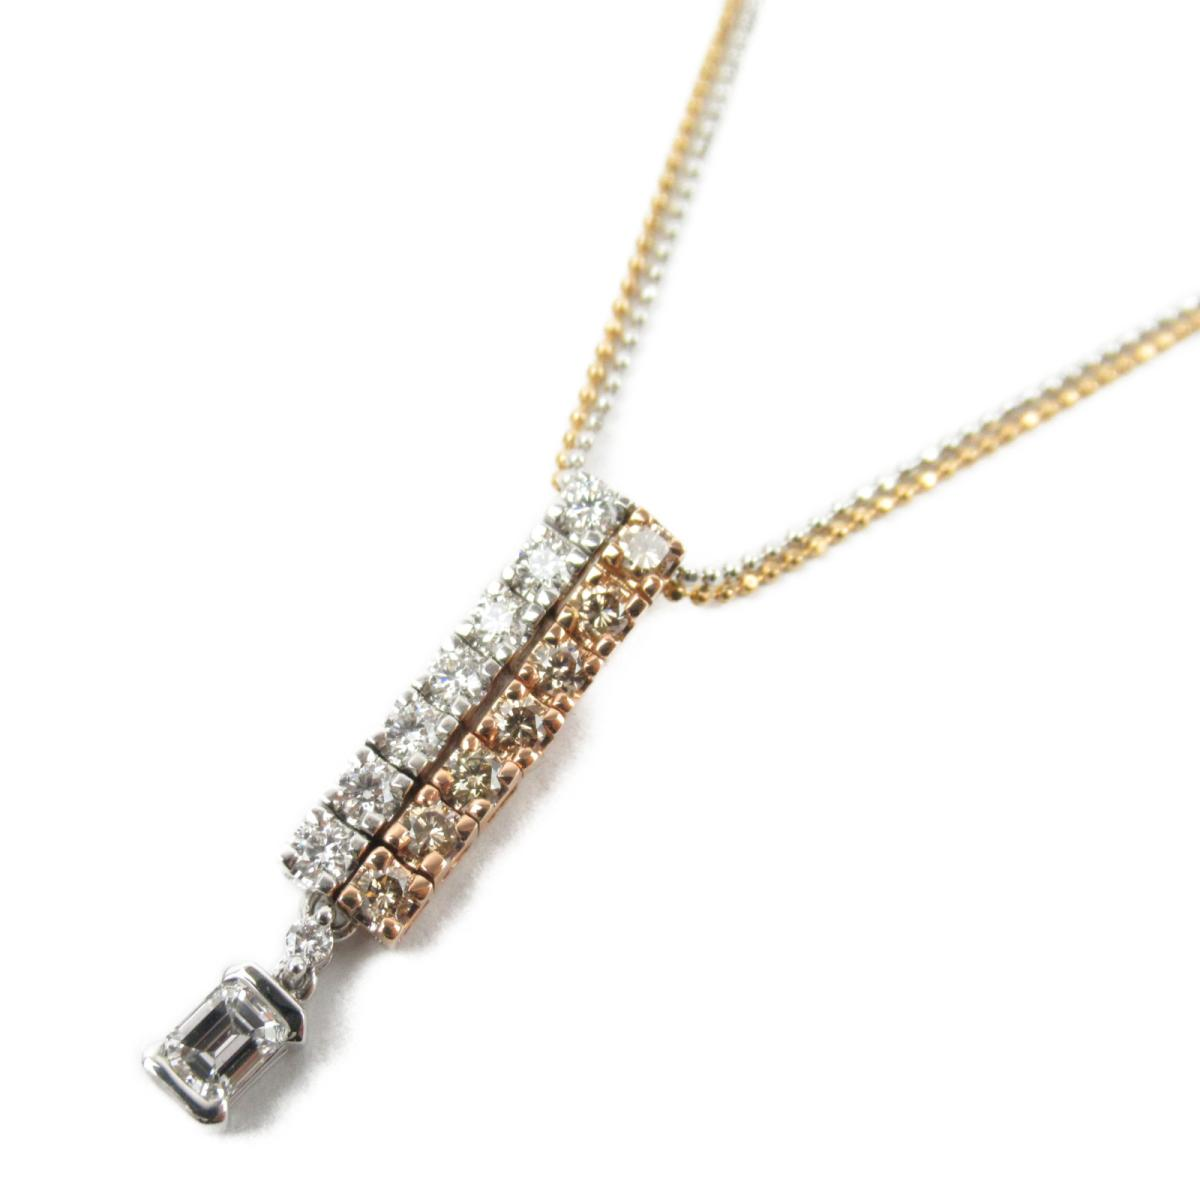 ジュエリー コンビ ダイヤモンド ネックレス ノーブランドジュエリー レディース K18WG (750) ホワイトゴールドK18イエローゴールド x ダイヤモンド0.71ct 【中古】 | ブランド